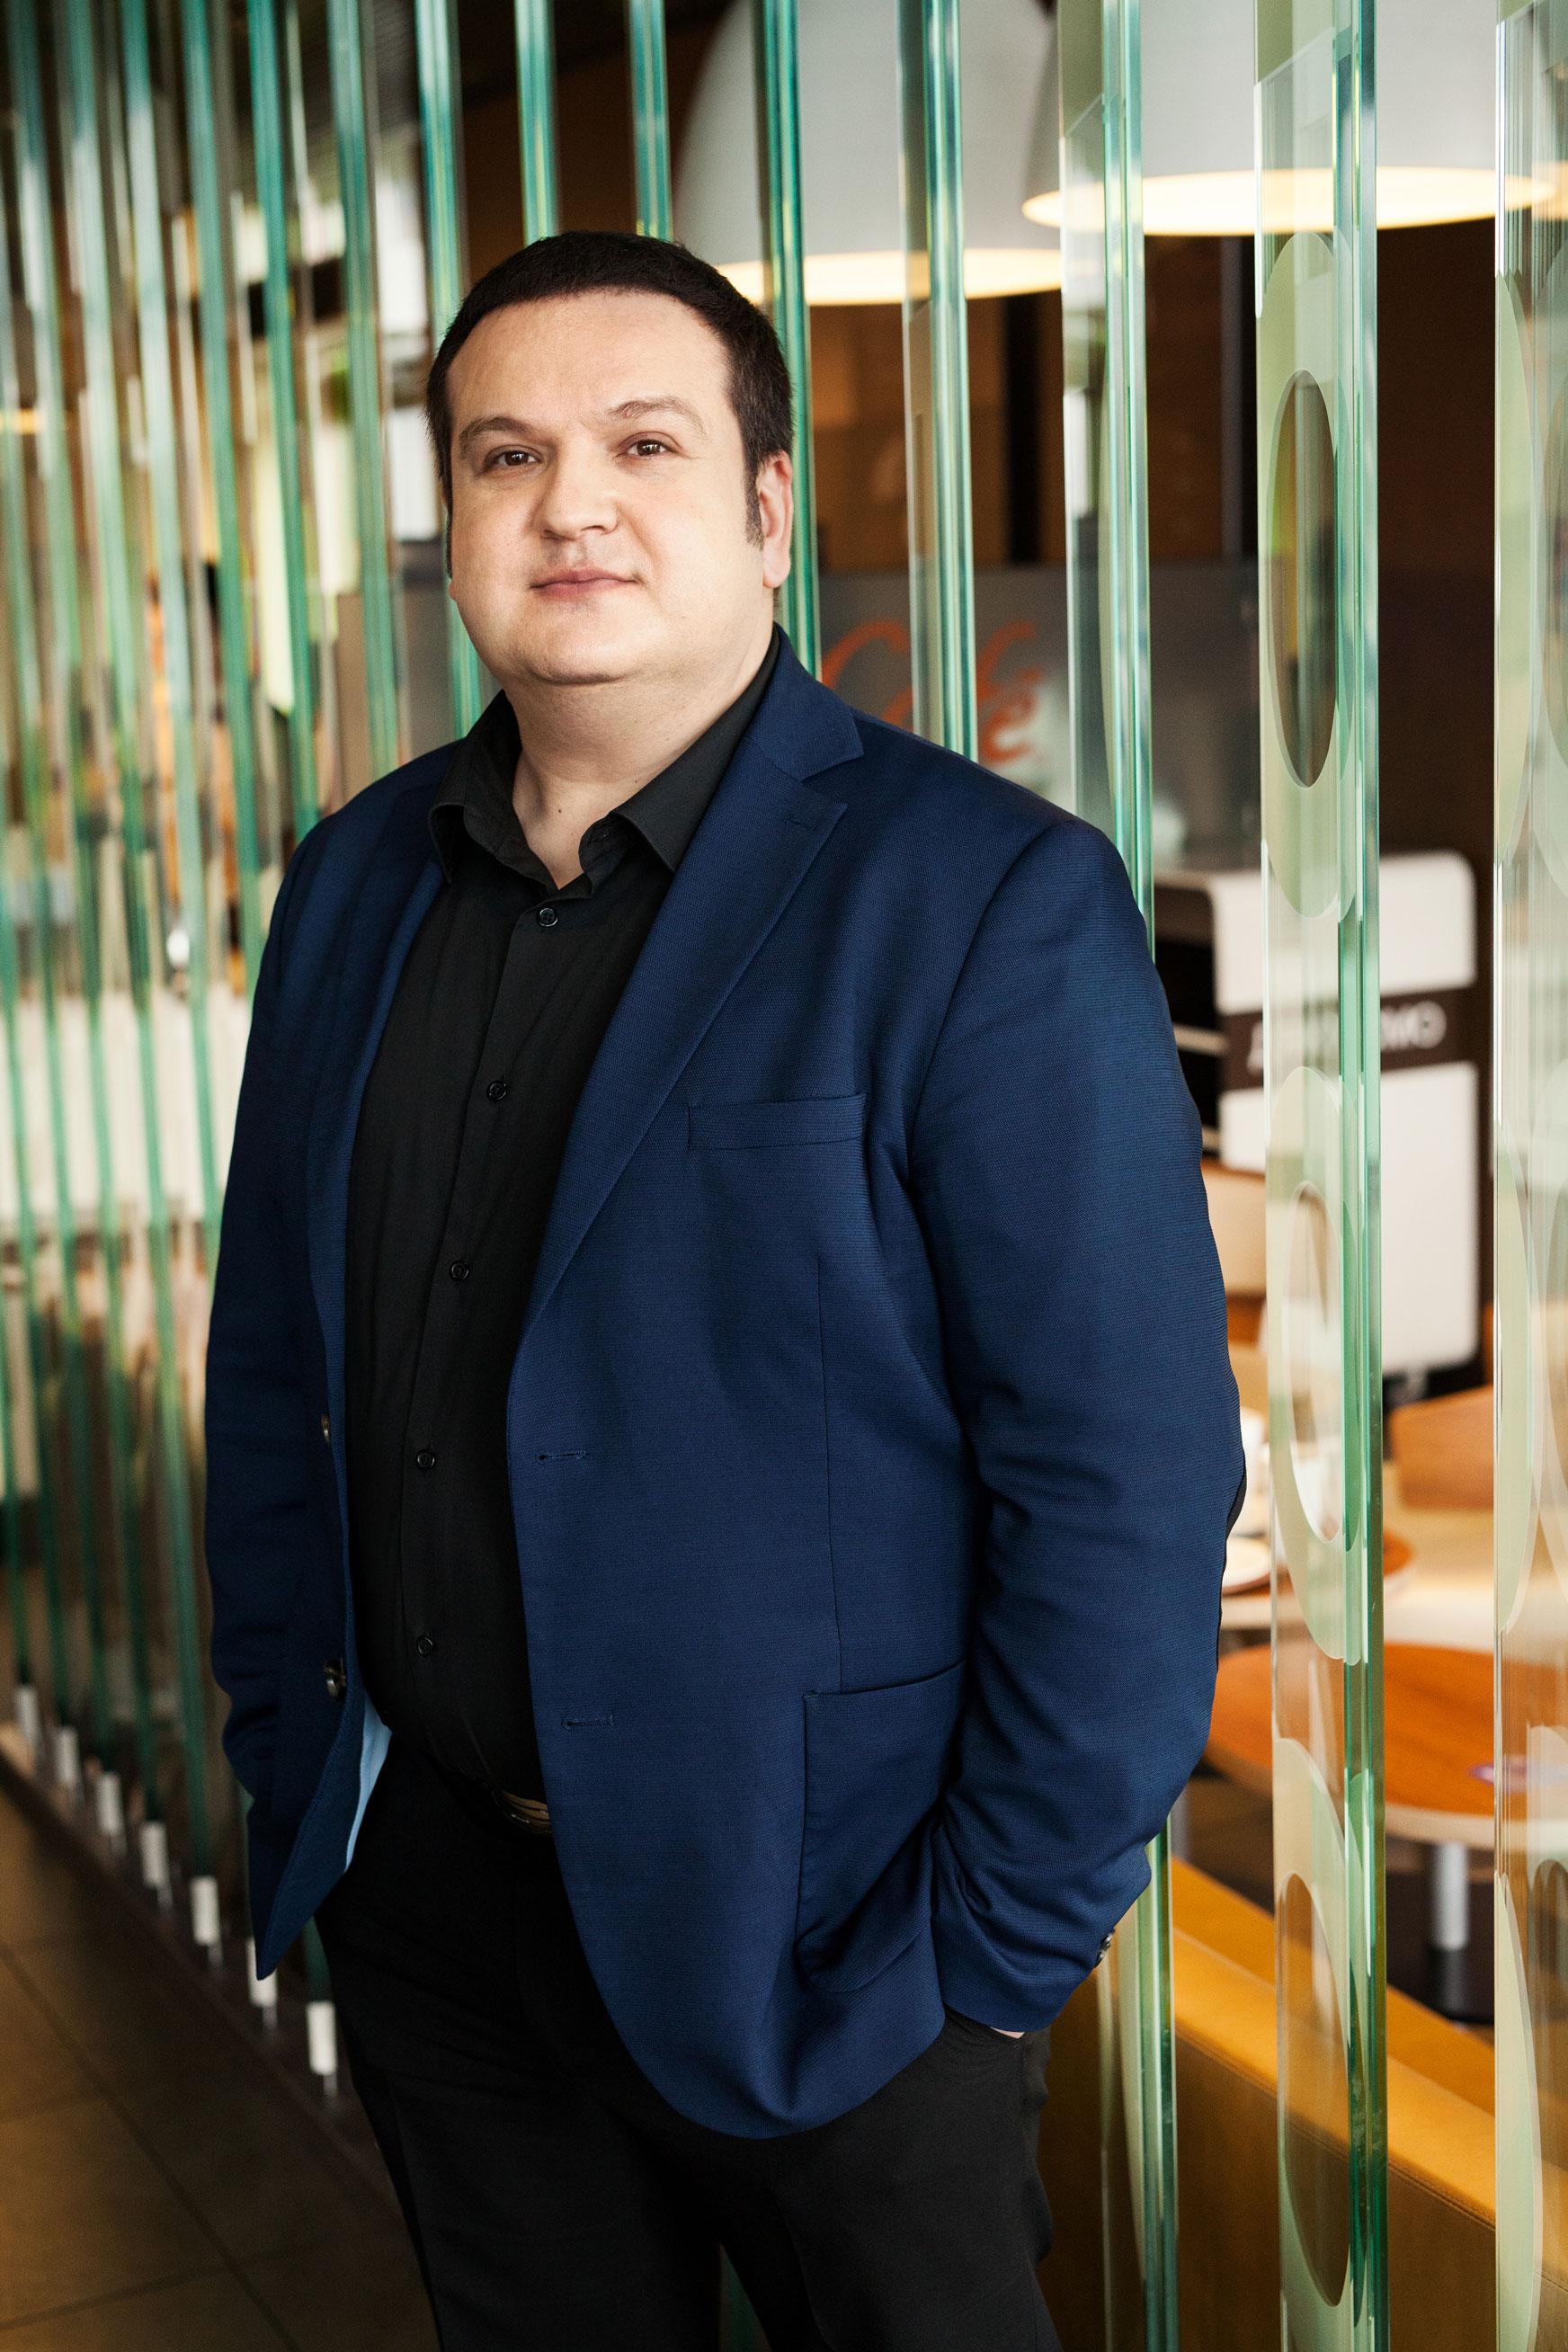 СВОБОДНАЯ КАССА: Игорь Сысоев из «McDonald's Украина», о том, как набирать и обучать сотрудников, которые меняют компанию изнутри